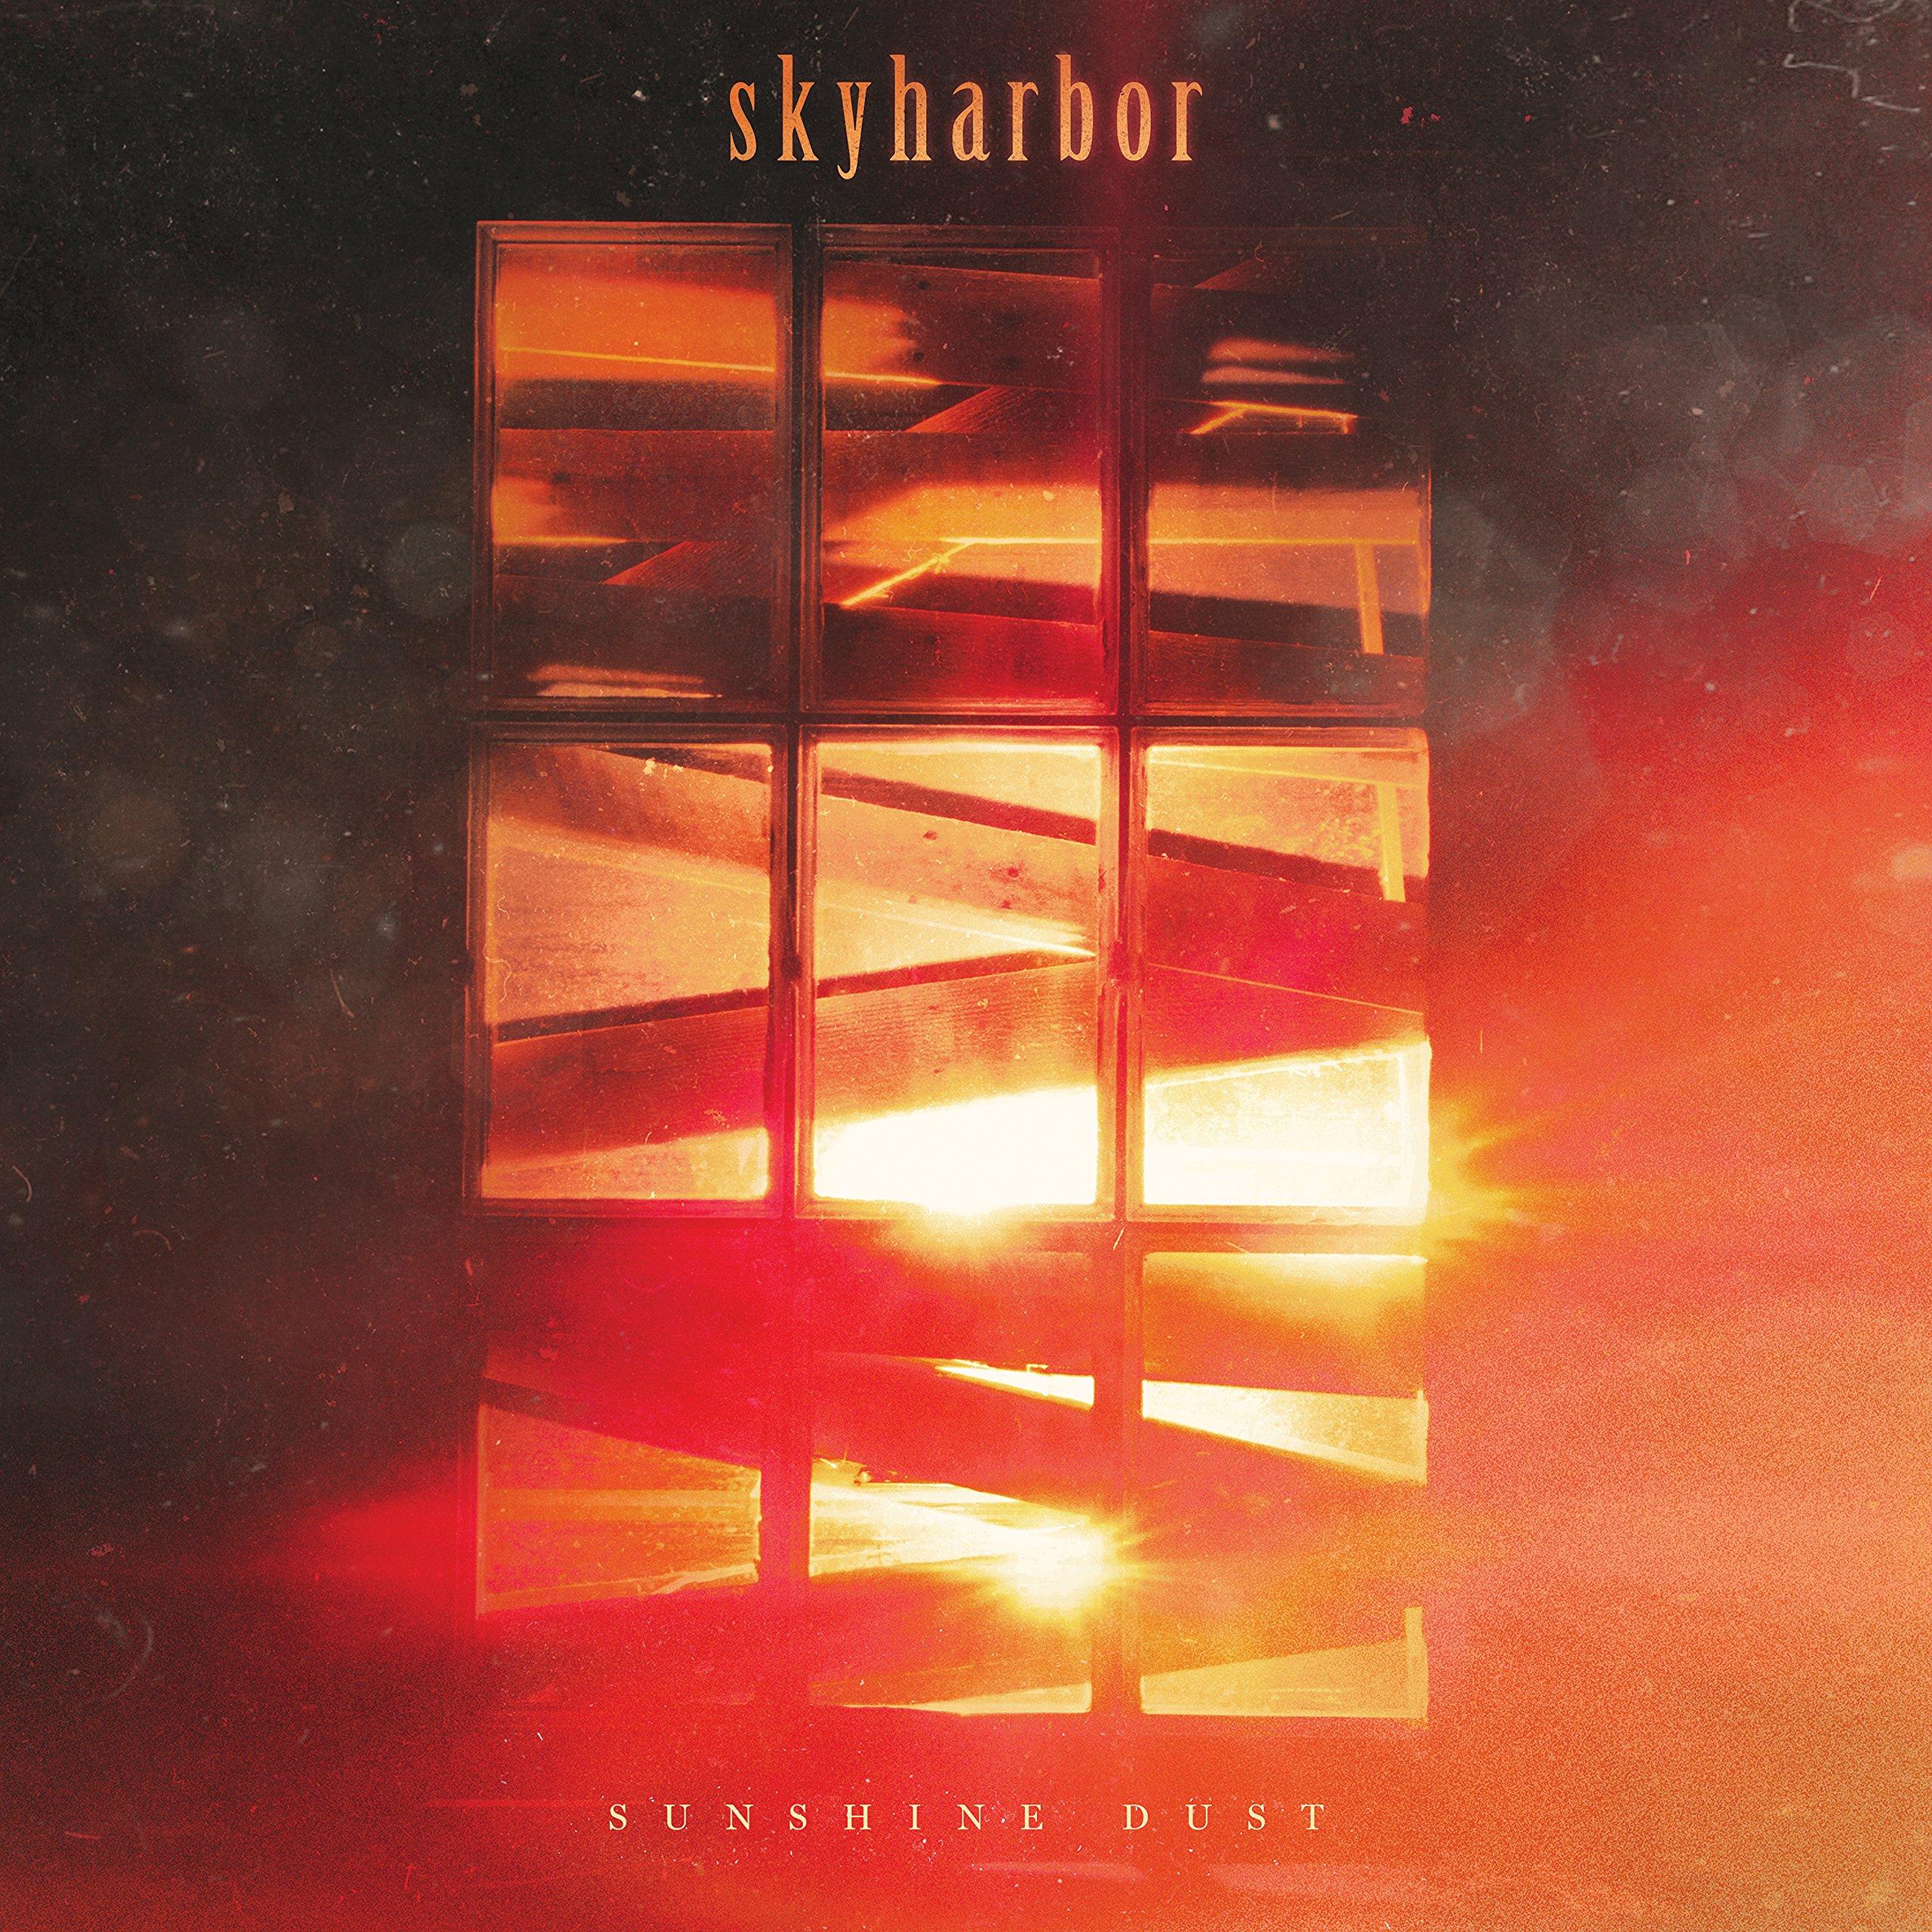 Vinilo : Skyharbor - Sunshine Dust (2PC)